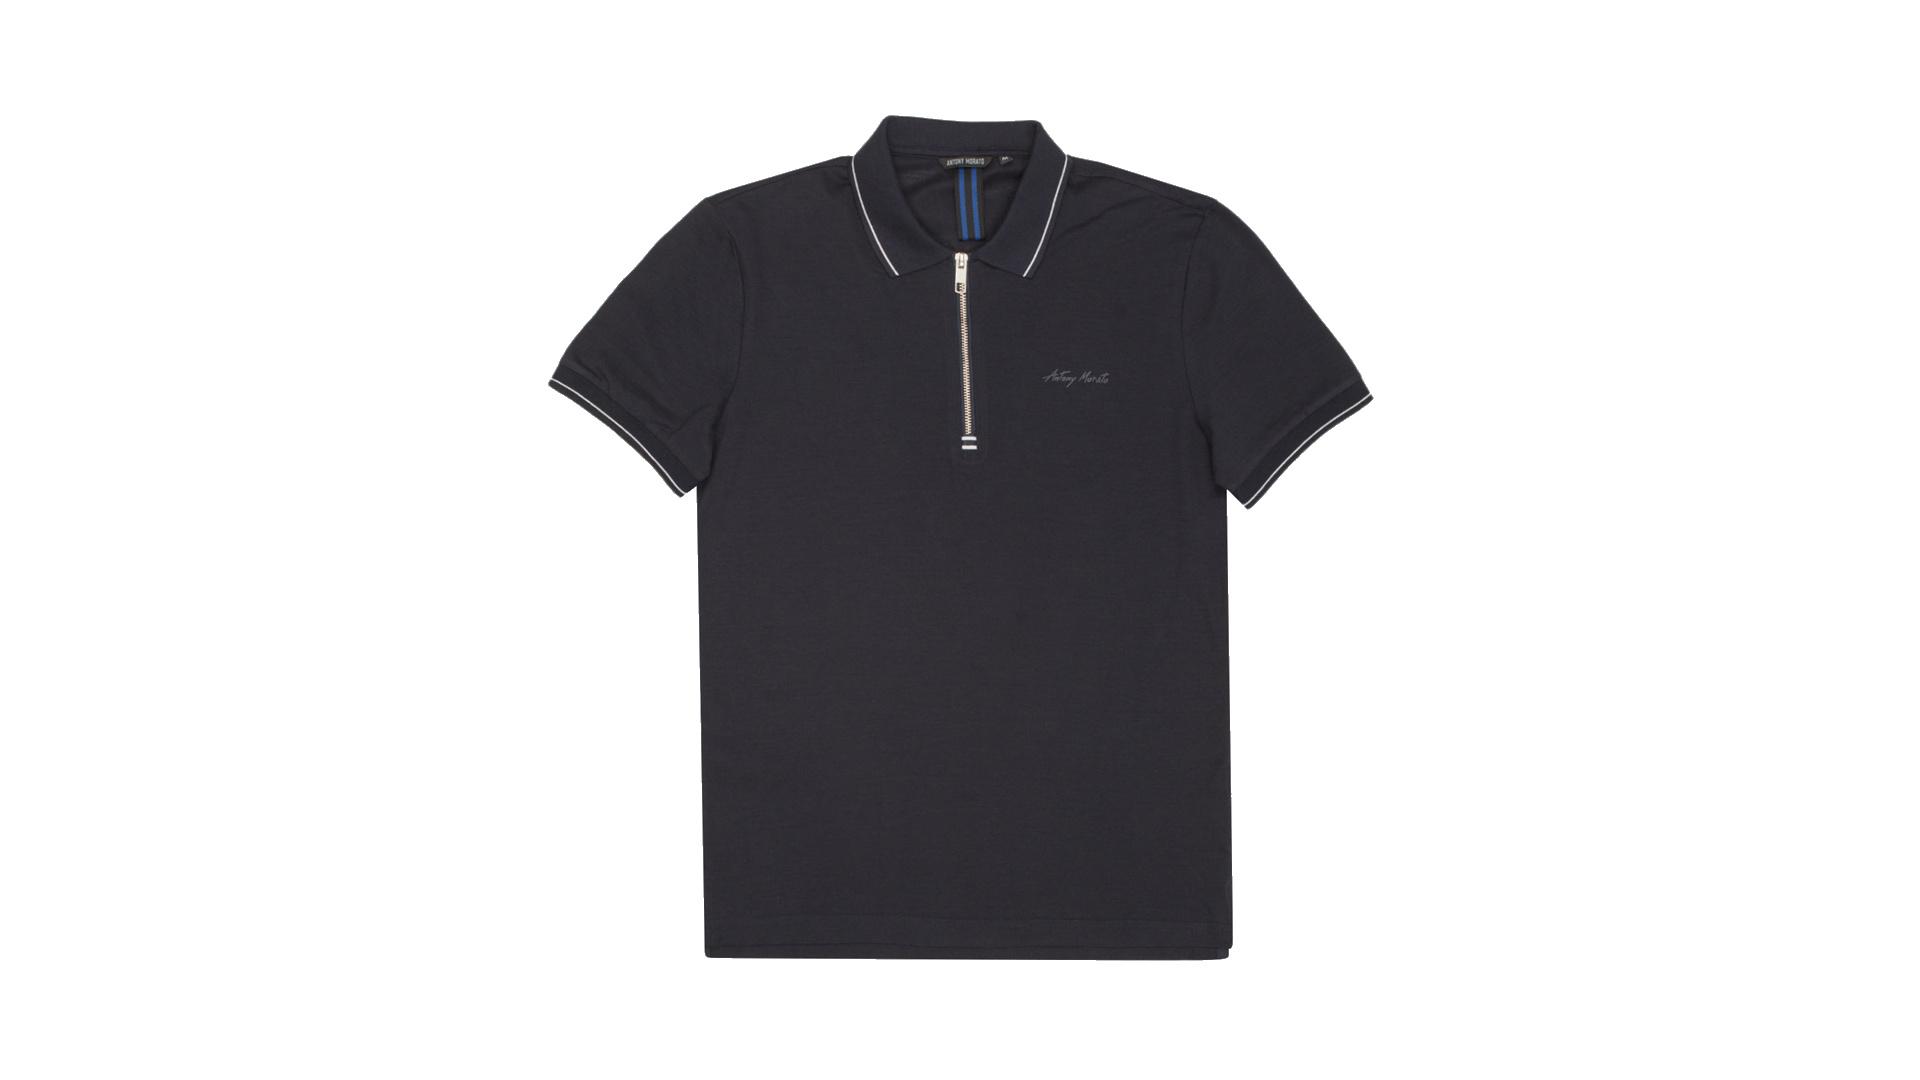 Antony Morato Poloshirt Black-1